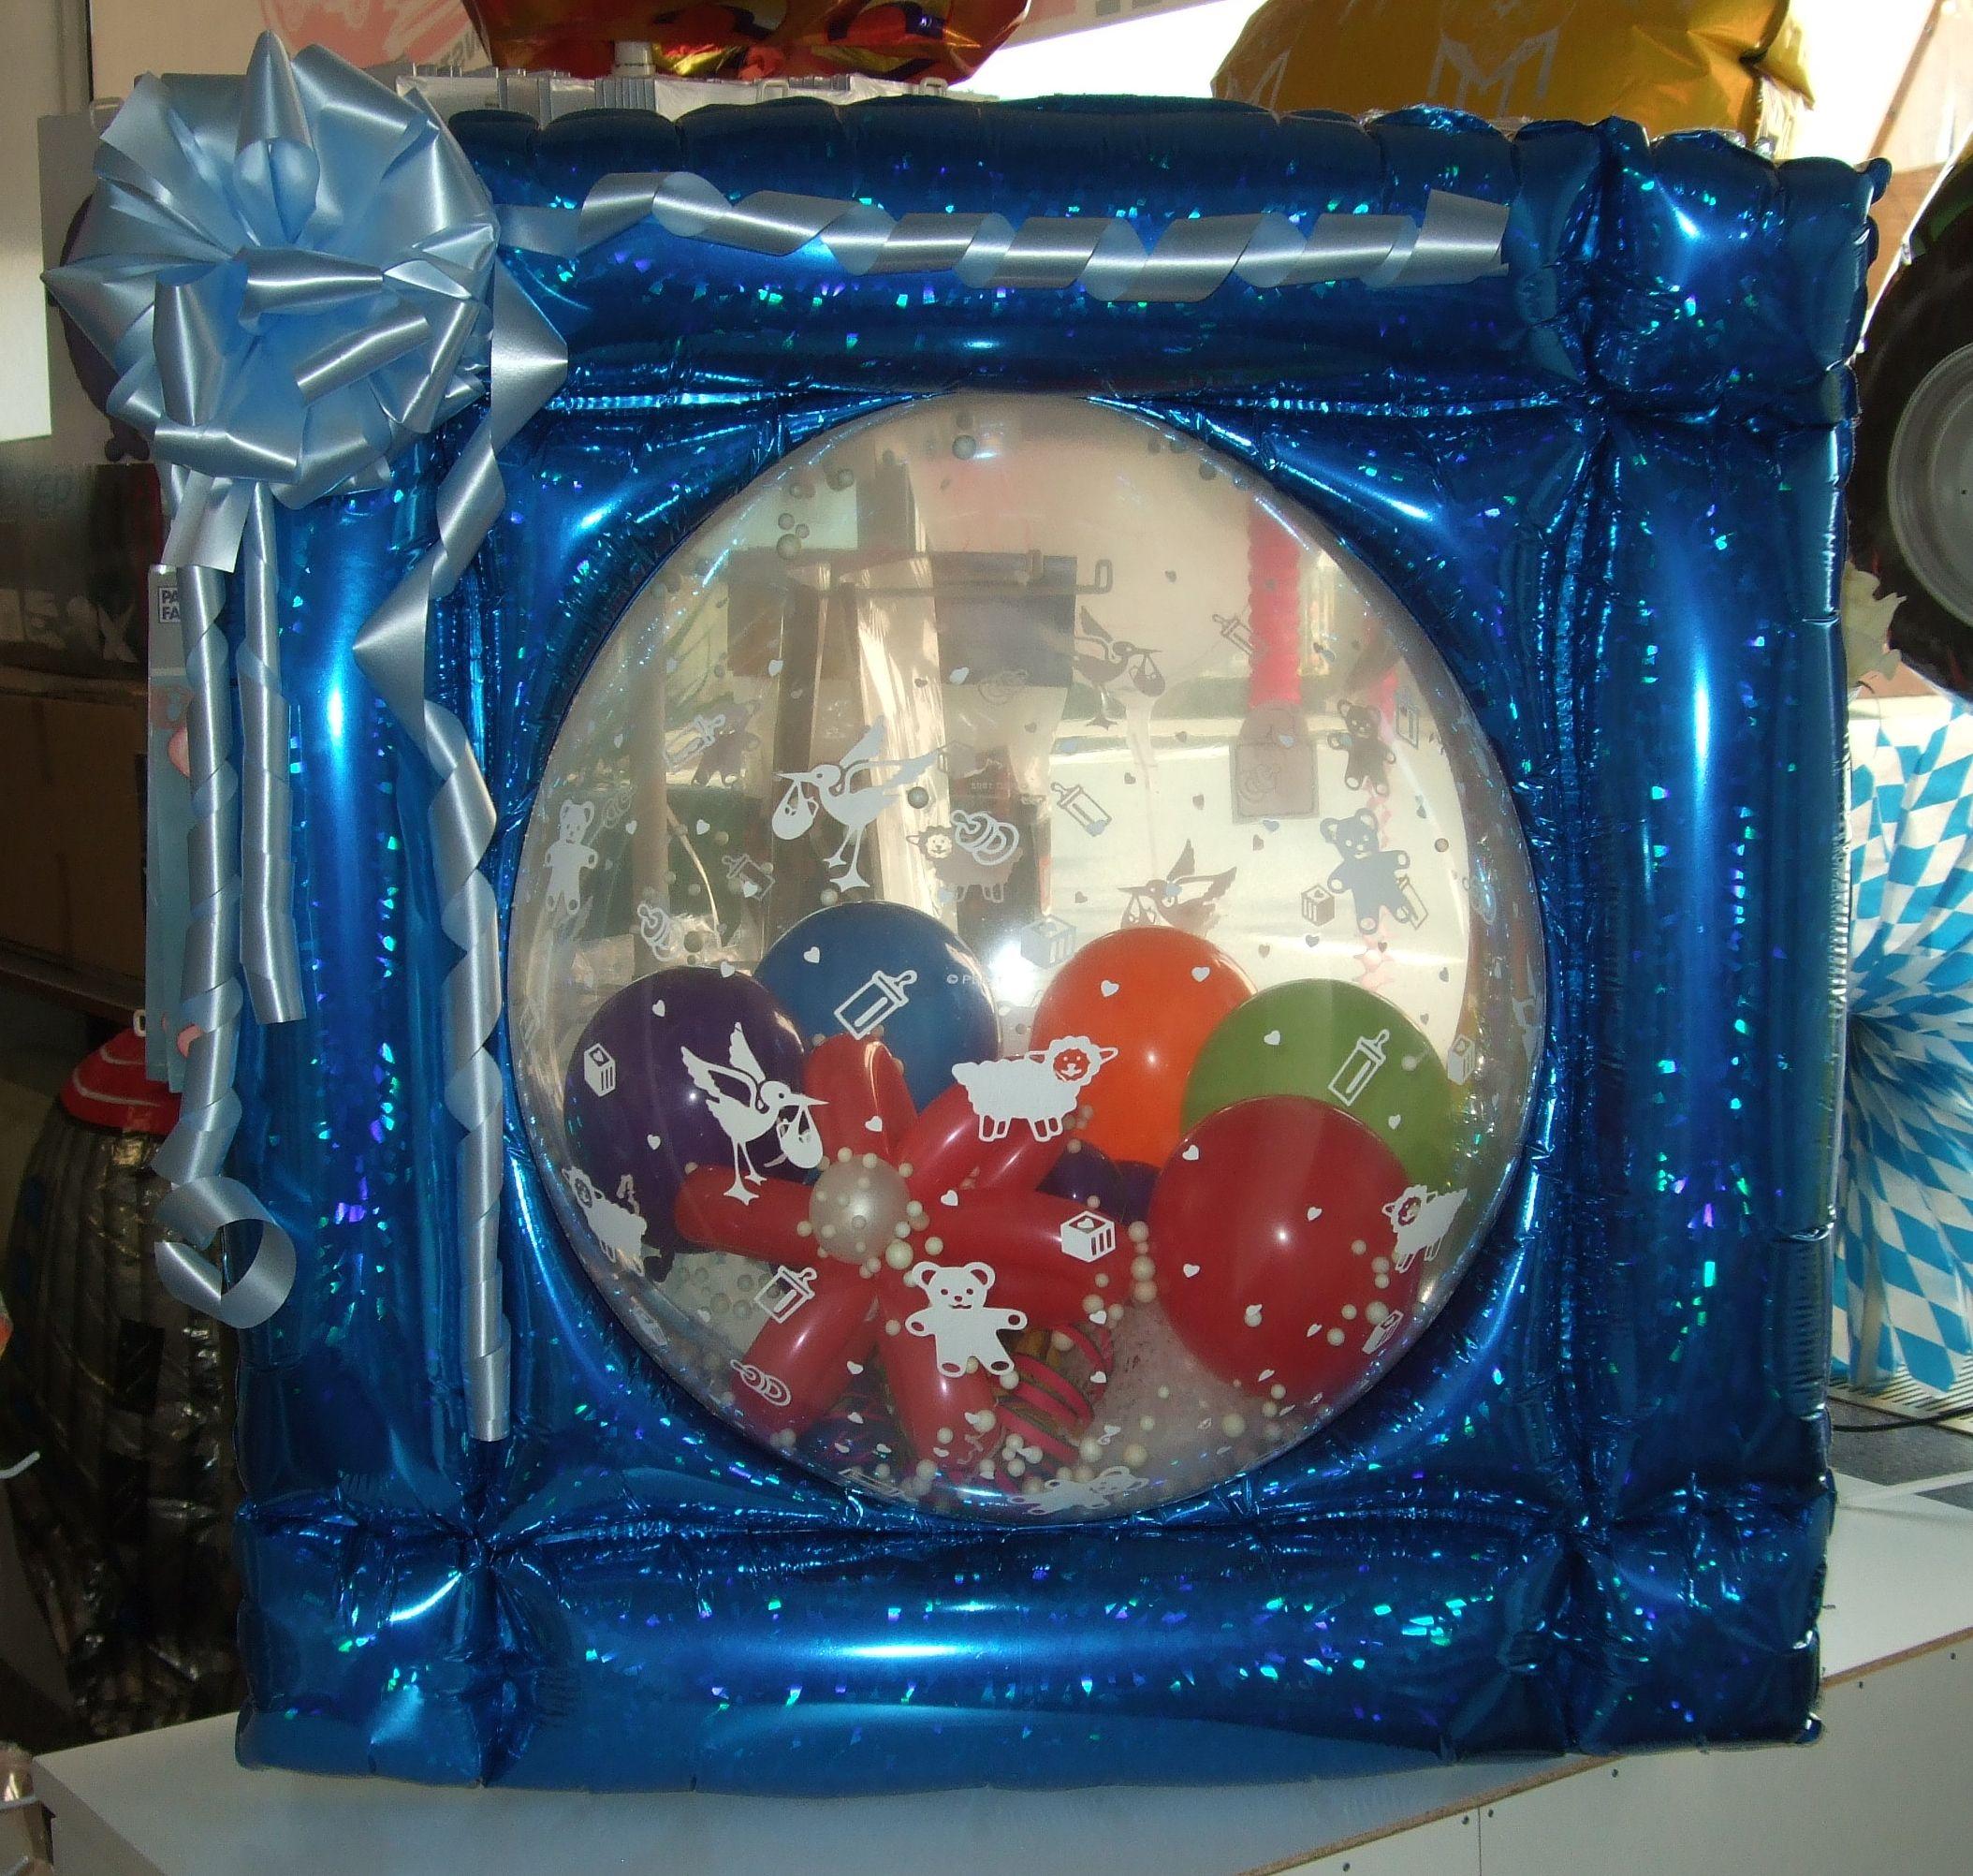 Geht auch mit #Ballons, die mit versch. #Motiven #bedruckt sind. Hier einmal als #Geschenk zur #Geburt oder #Taufe